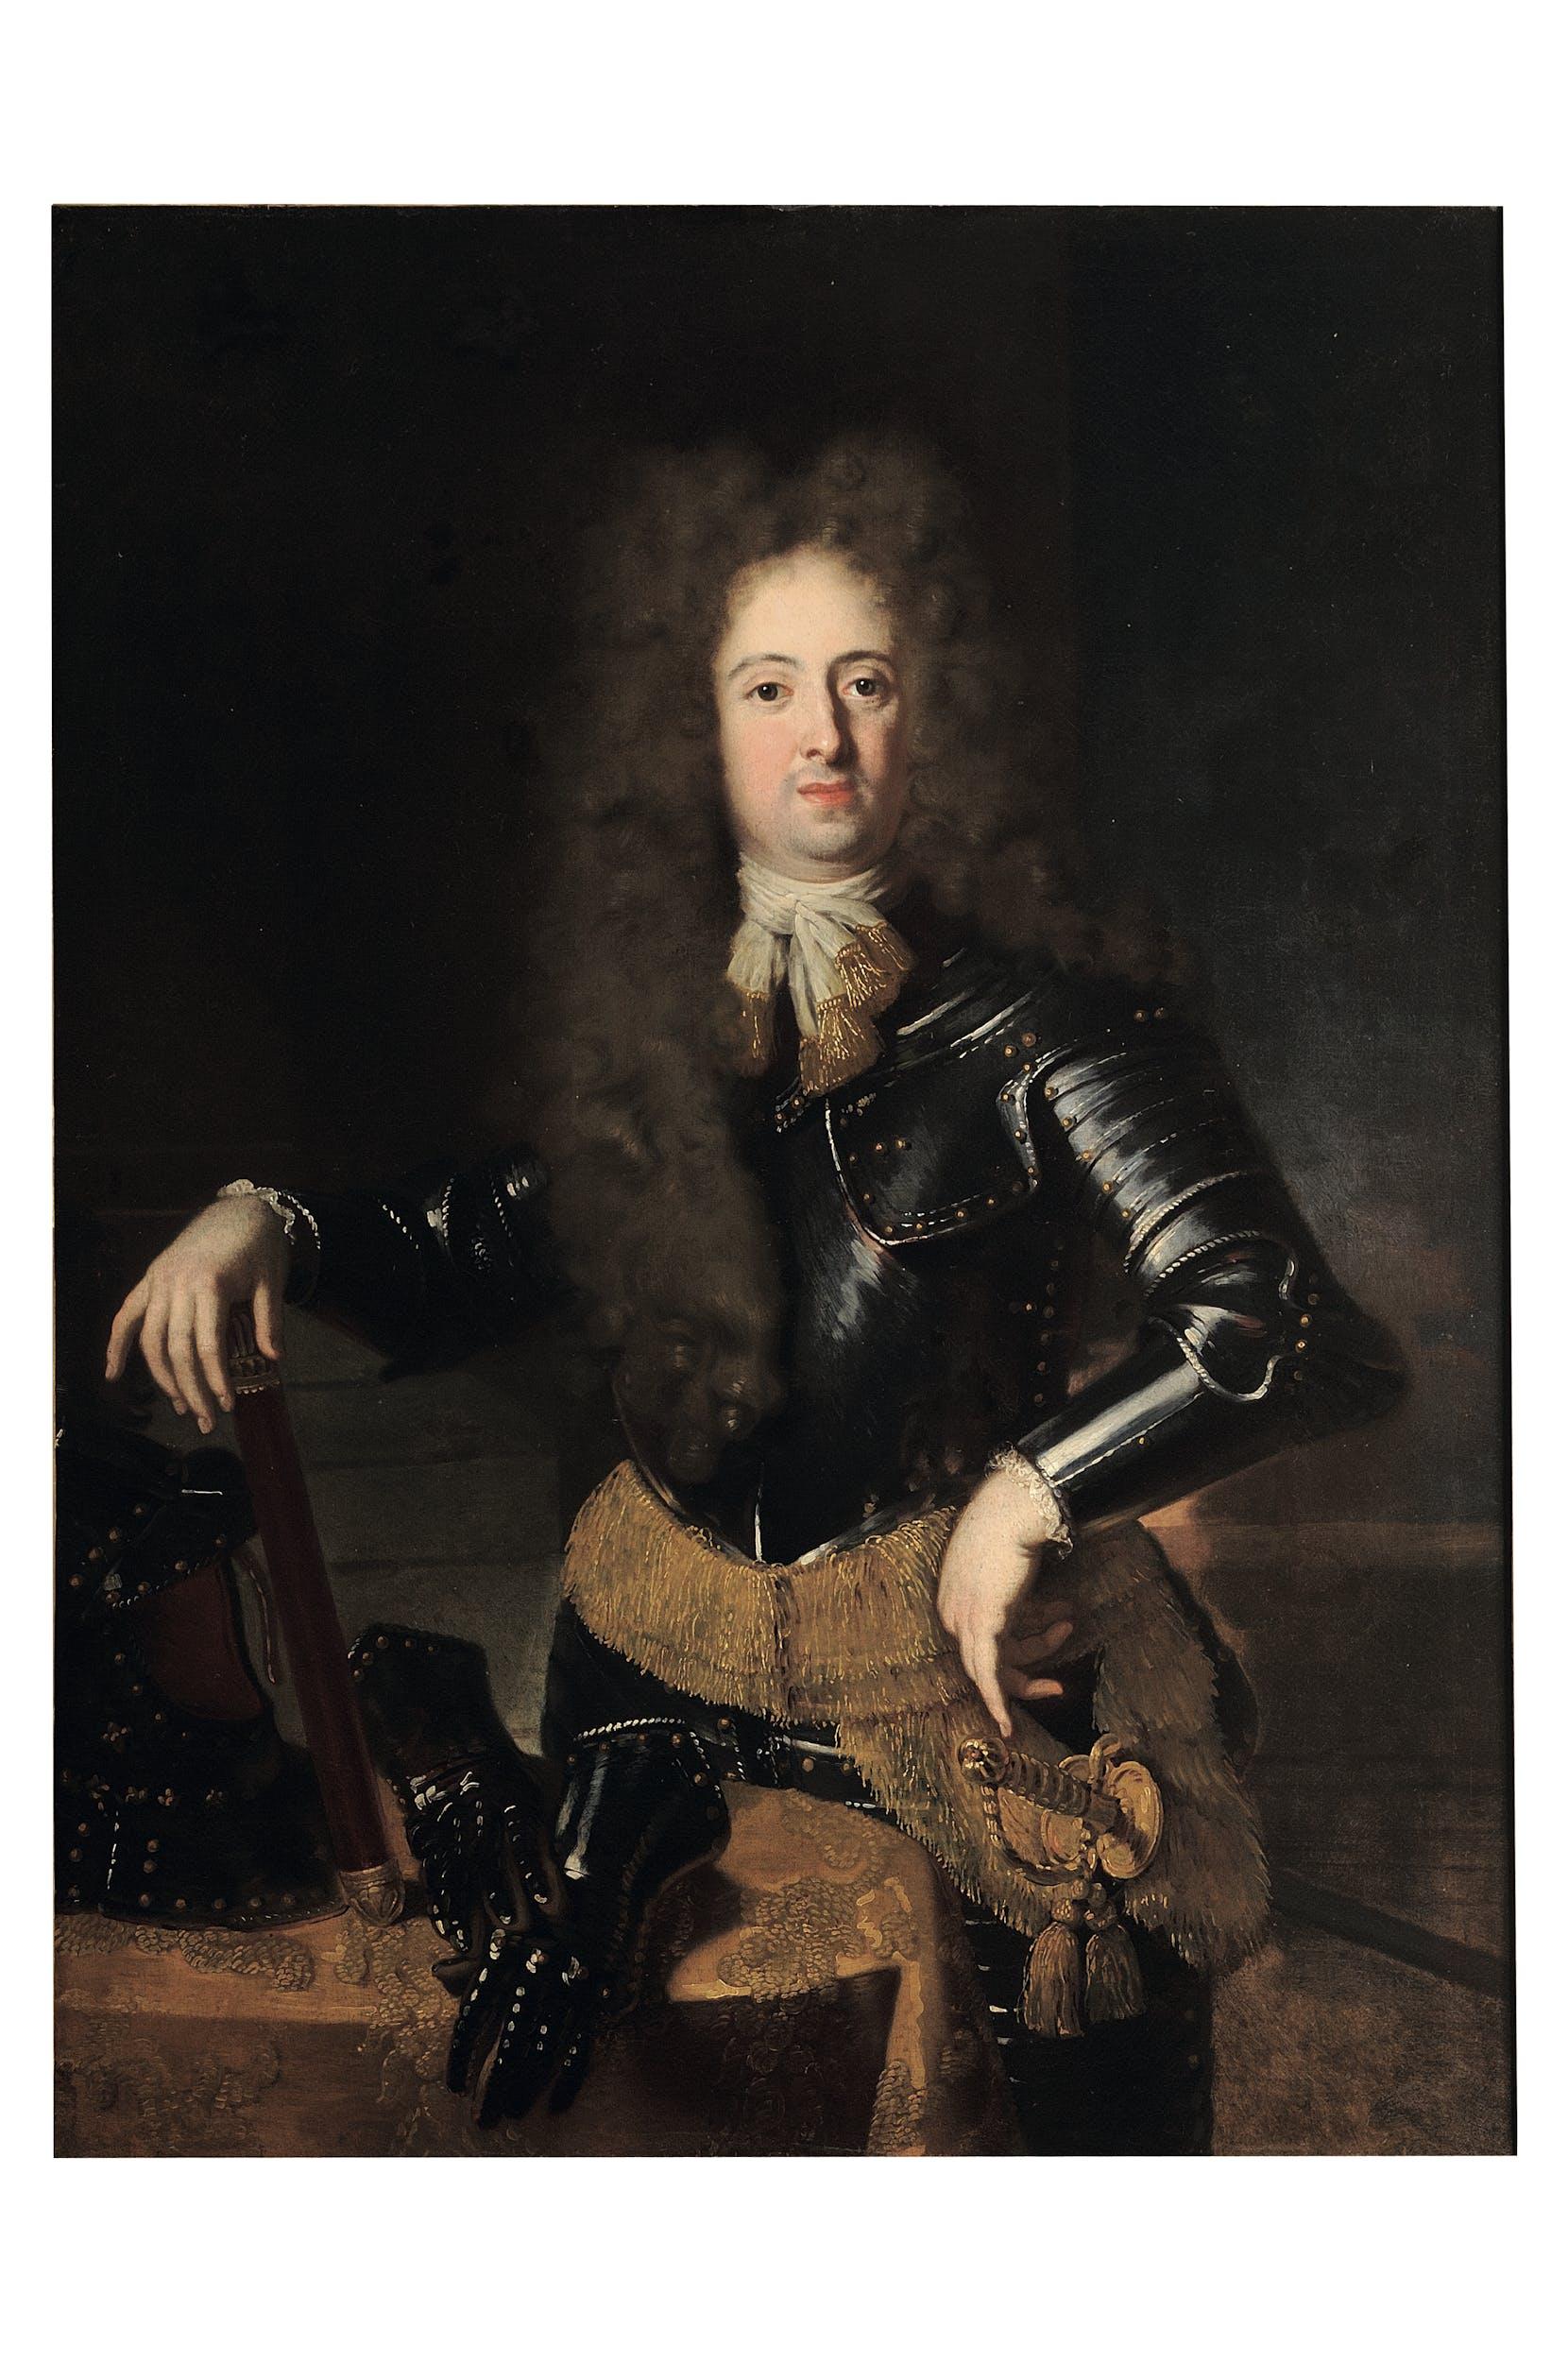 Niccolò Cassana (1659-1713) Ritratto del gran principe Ferdinando de' Medici (1663-1713) 1691 olio su tela Galleria Palatina, Gallerie degli Uffizi, Firenze